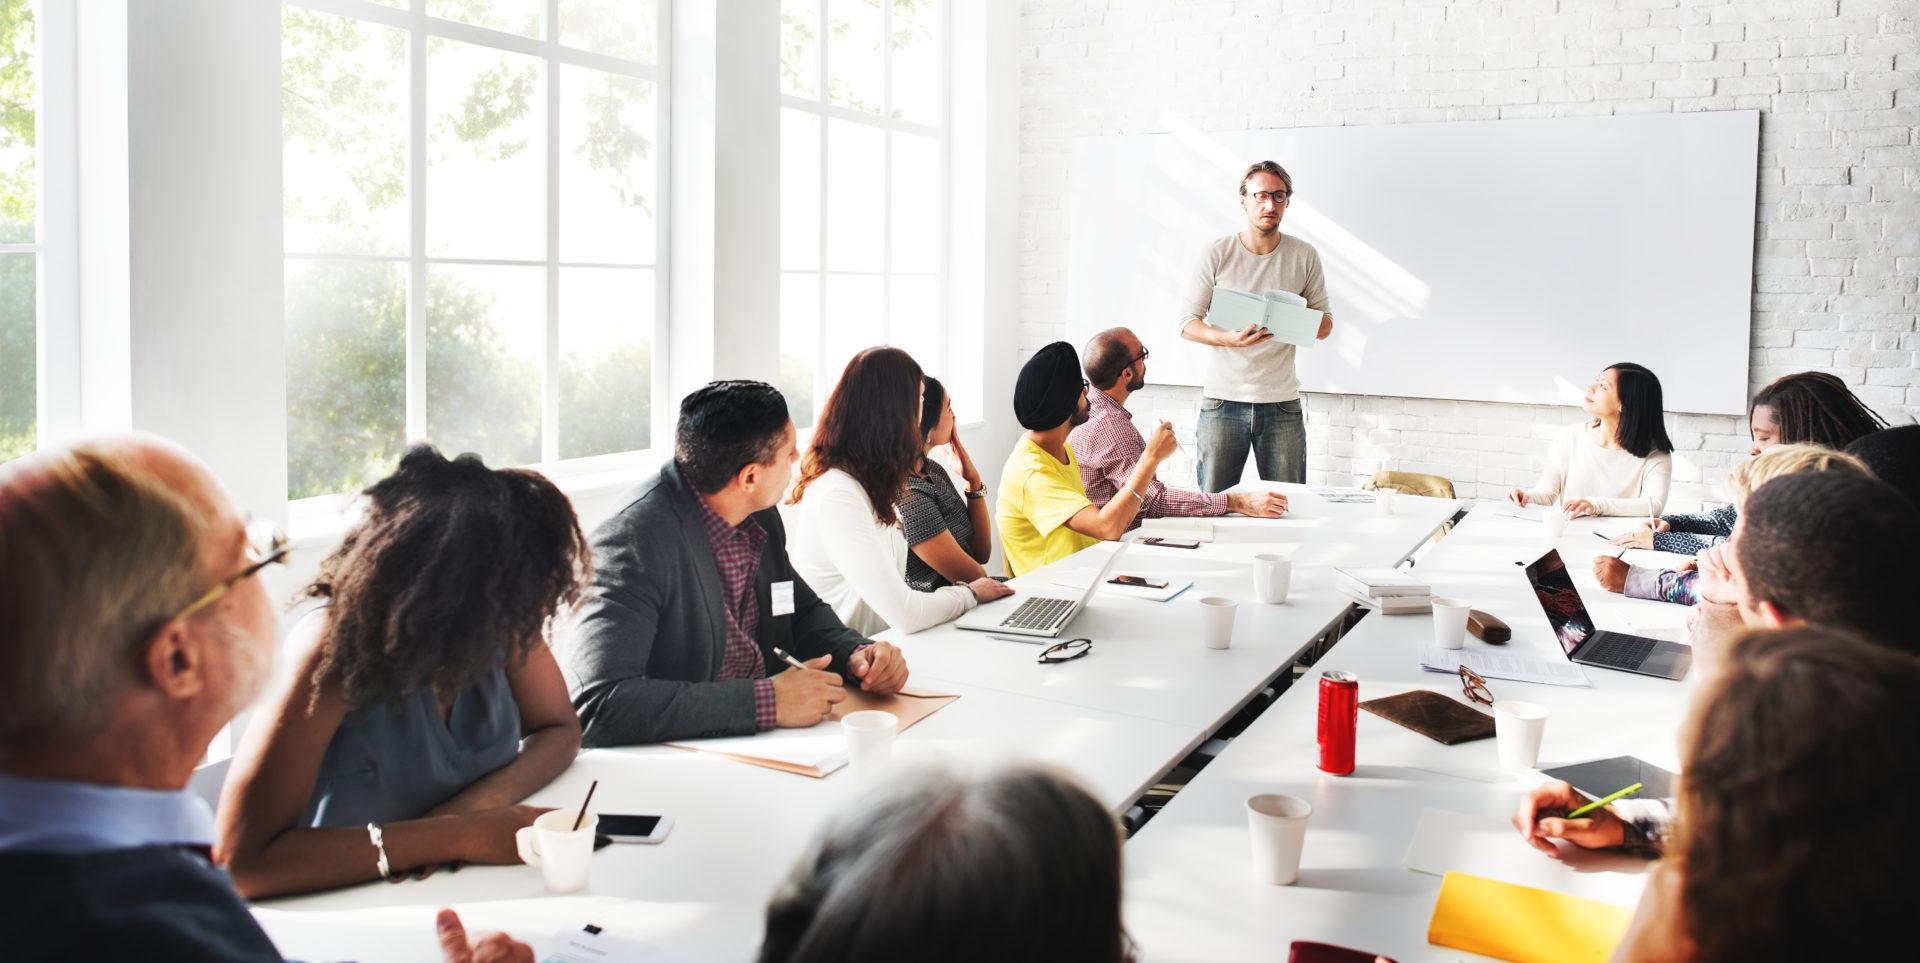 Une Assemblée Générale des copropriétaires se tient en présentiel dans une salle de réunion